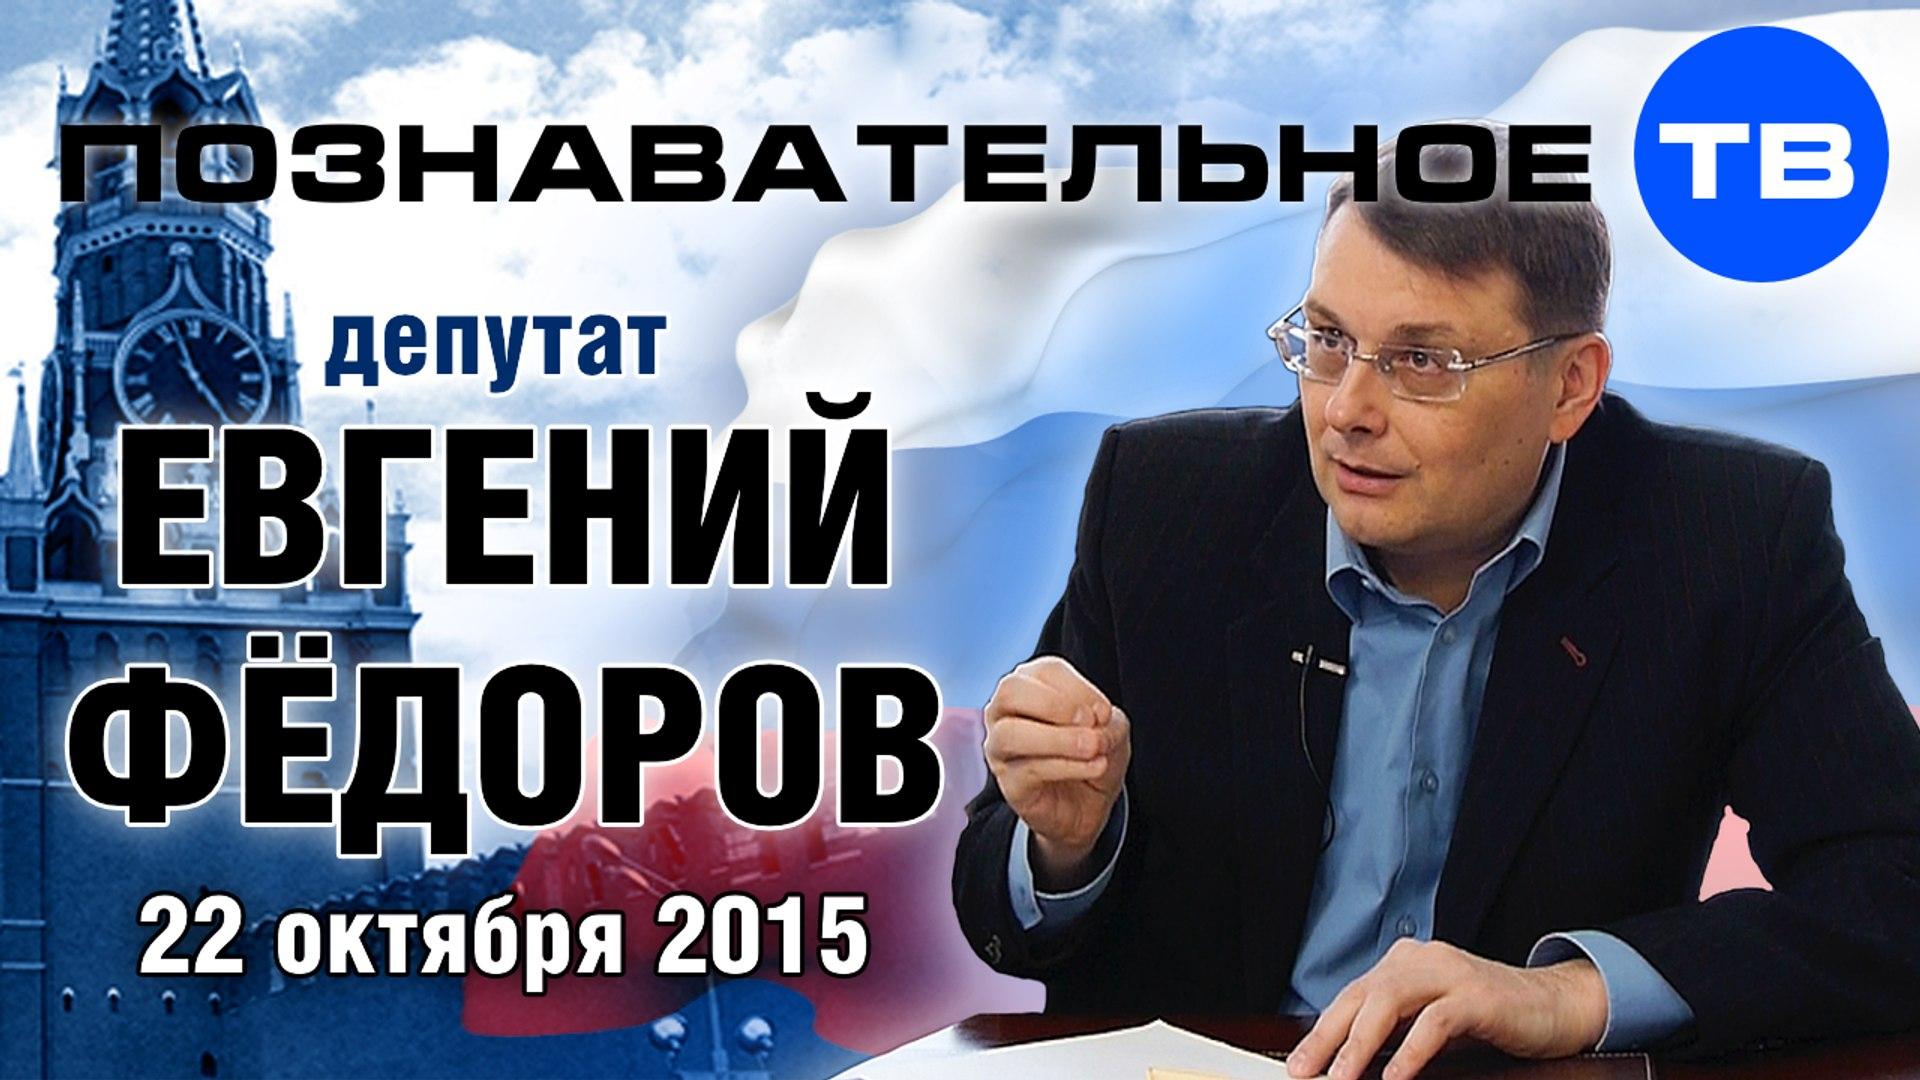 Евгений Фёдоров 22 октября 2015 (Познавательное ТВ, Евгений Фёдоров)